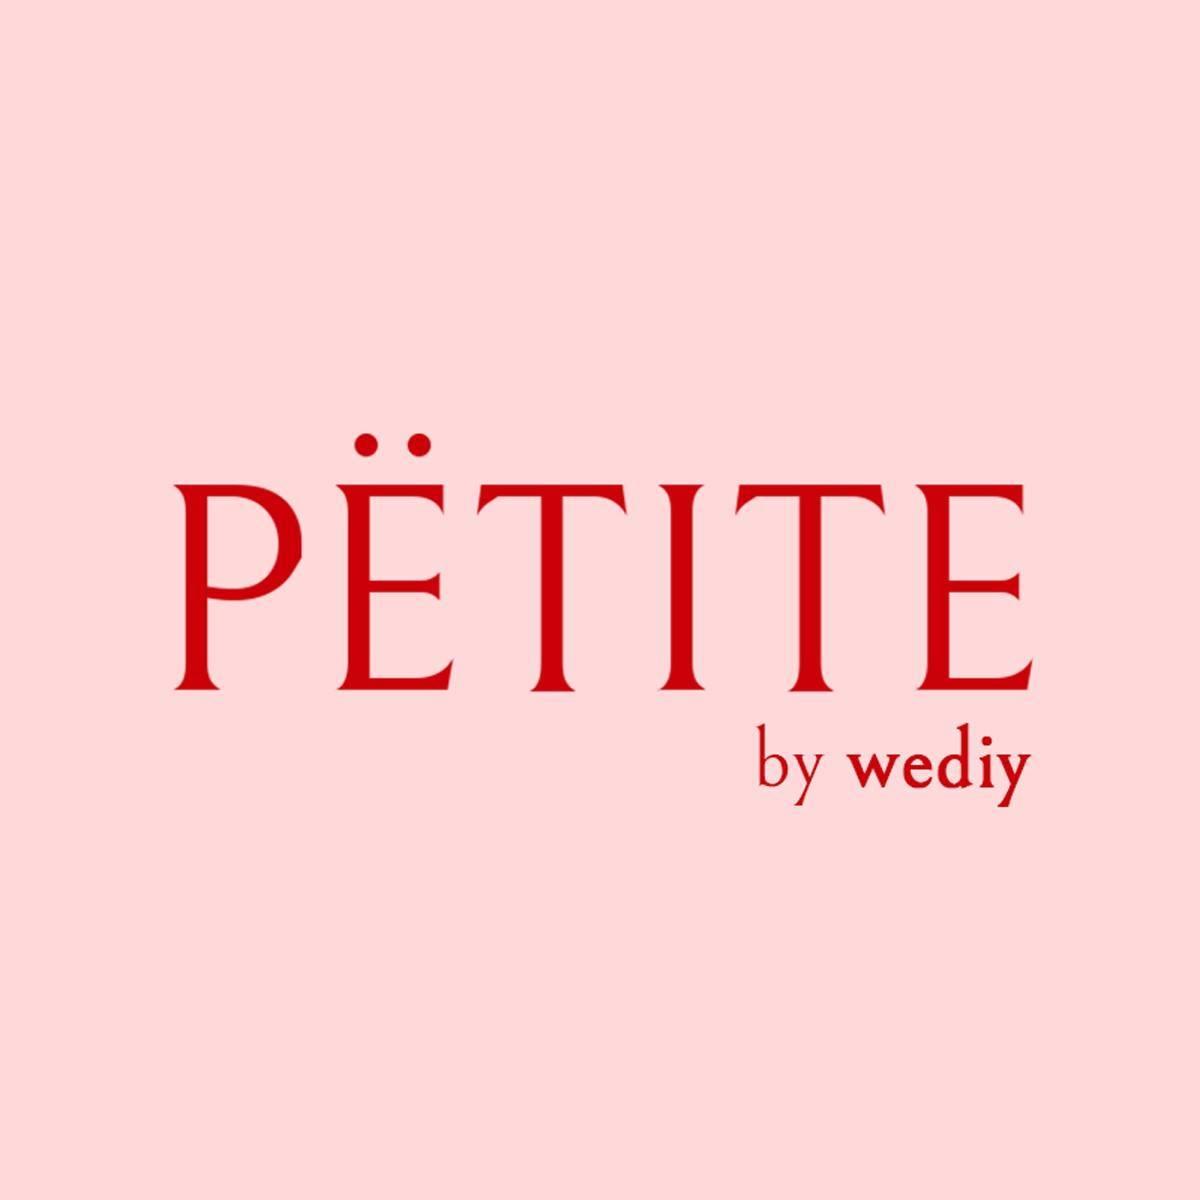 WedReviews - סידורי פרחים - petite by wediy | רינת מור